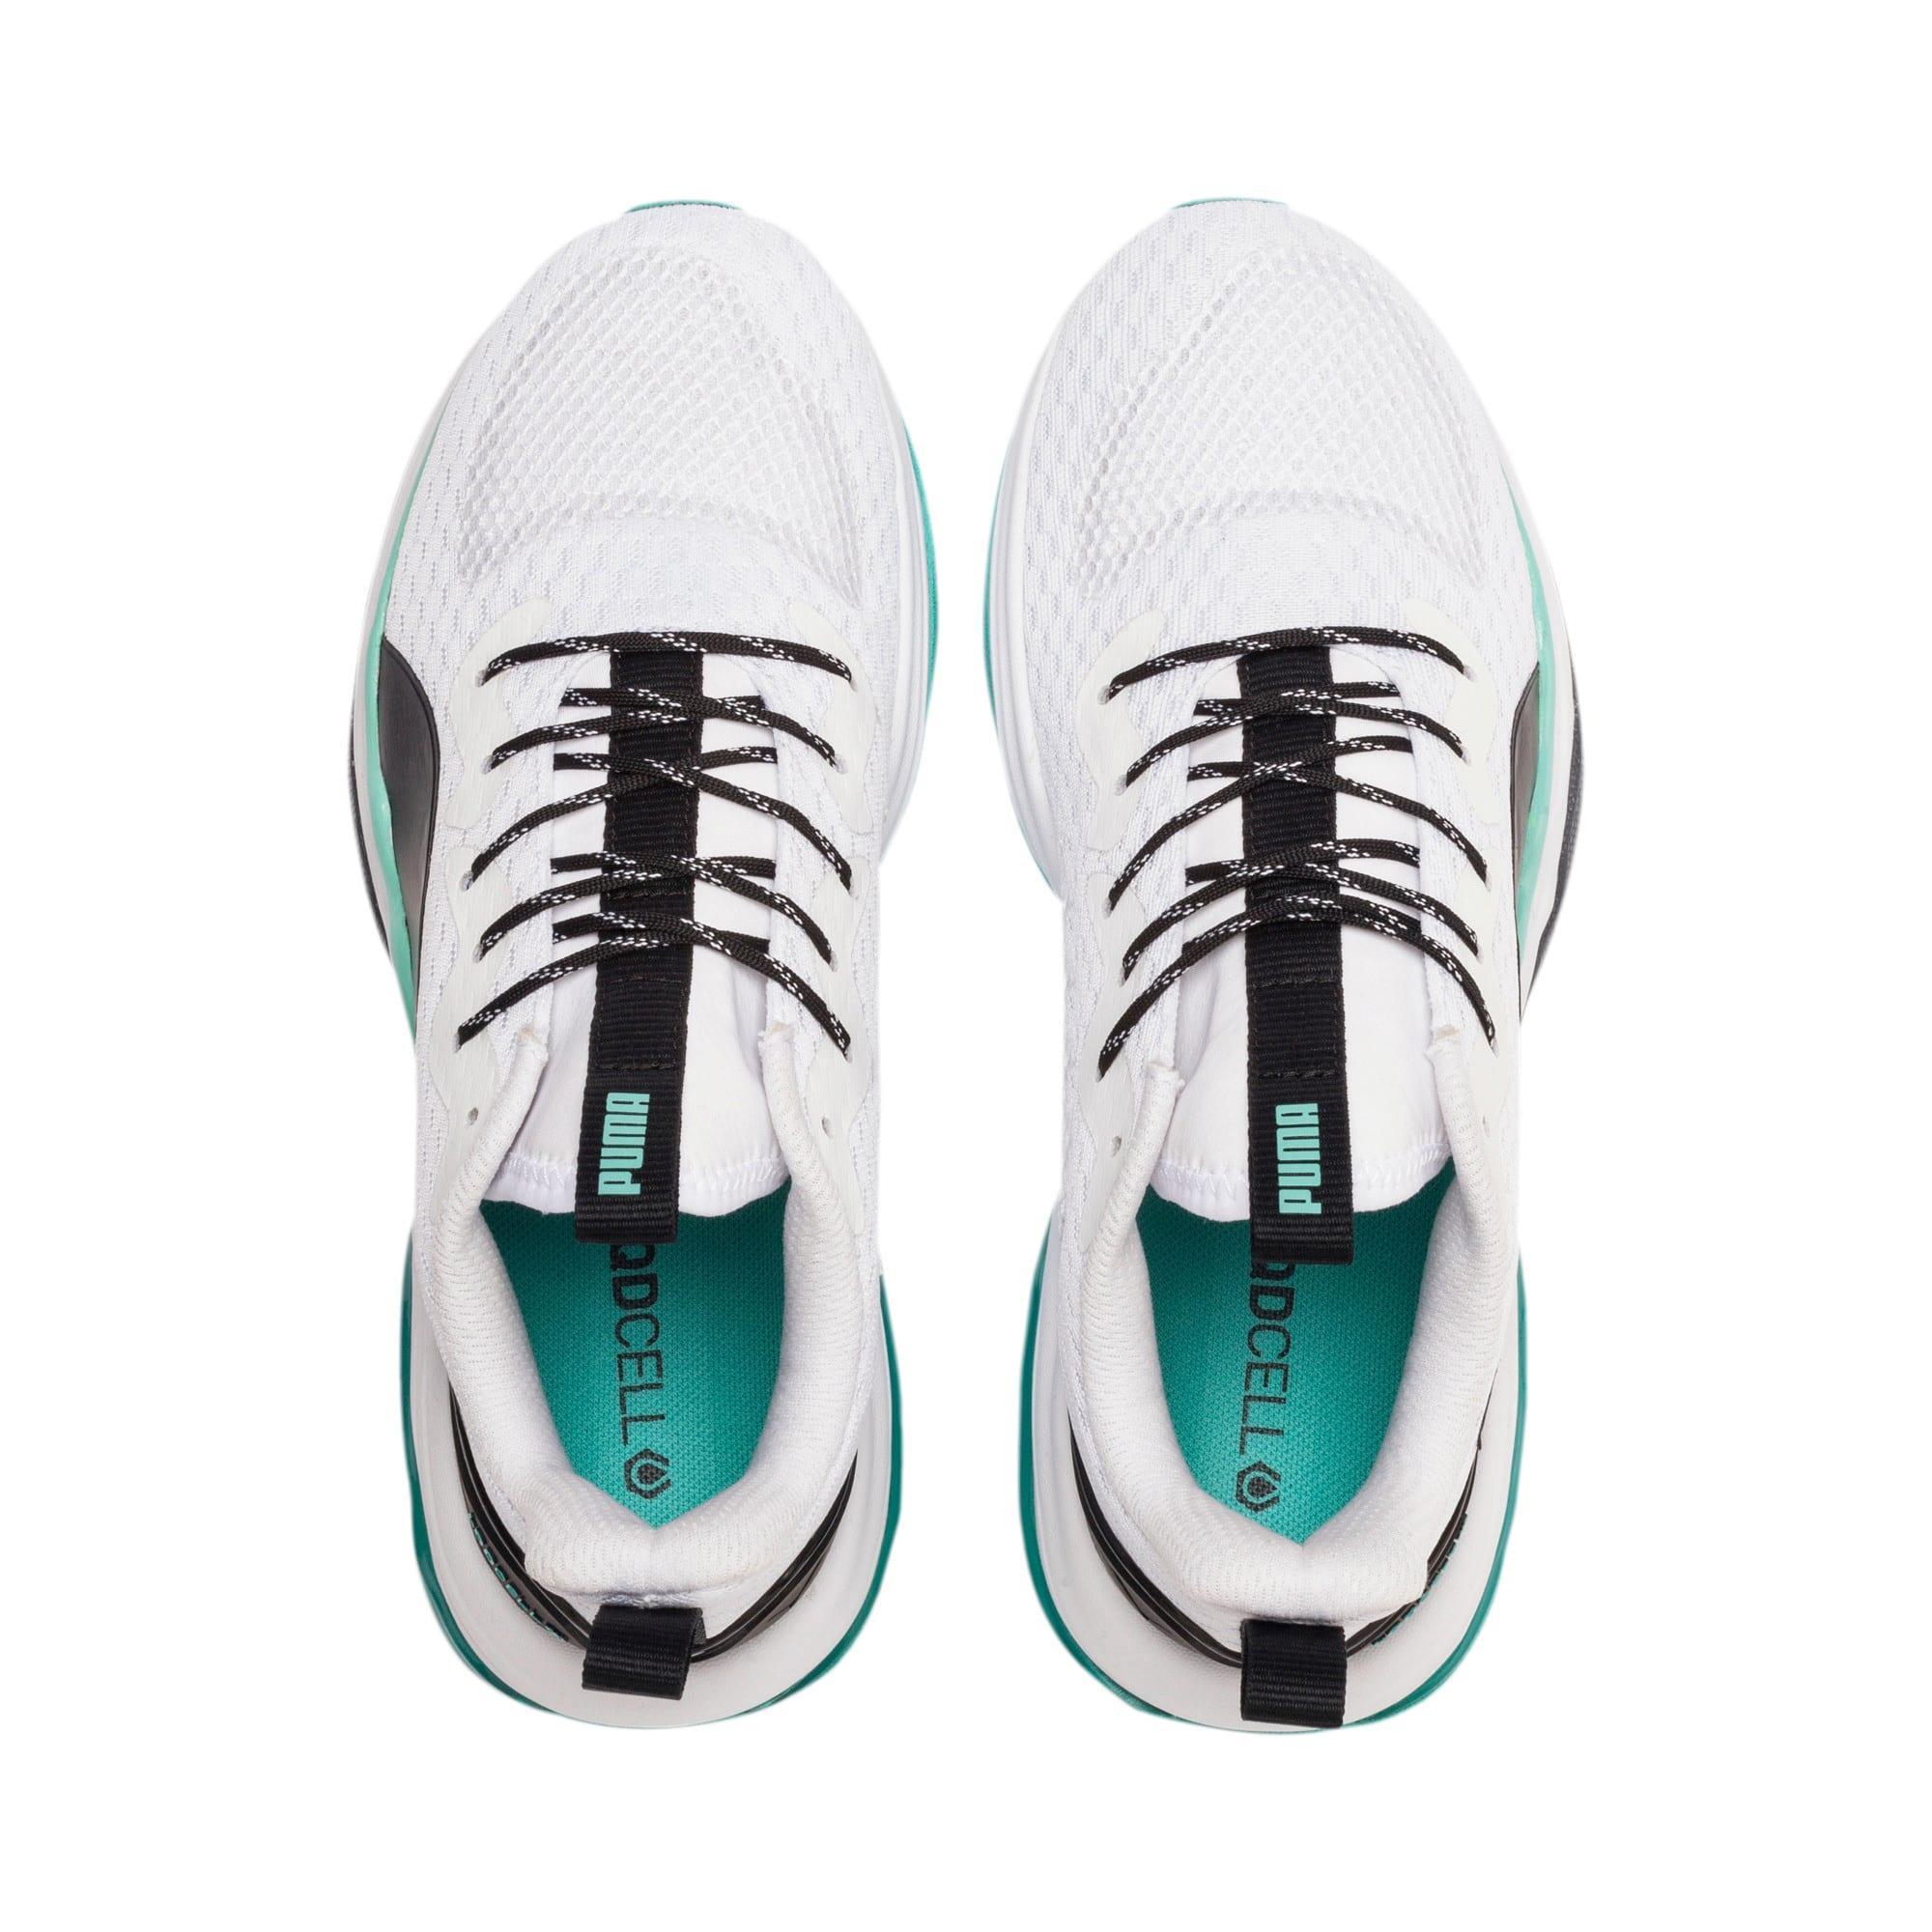 Thumbnail 6 of LQDCELL Tension Training Shoes JR, Puma White-Puma Black, medium